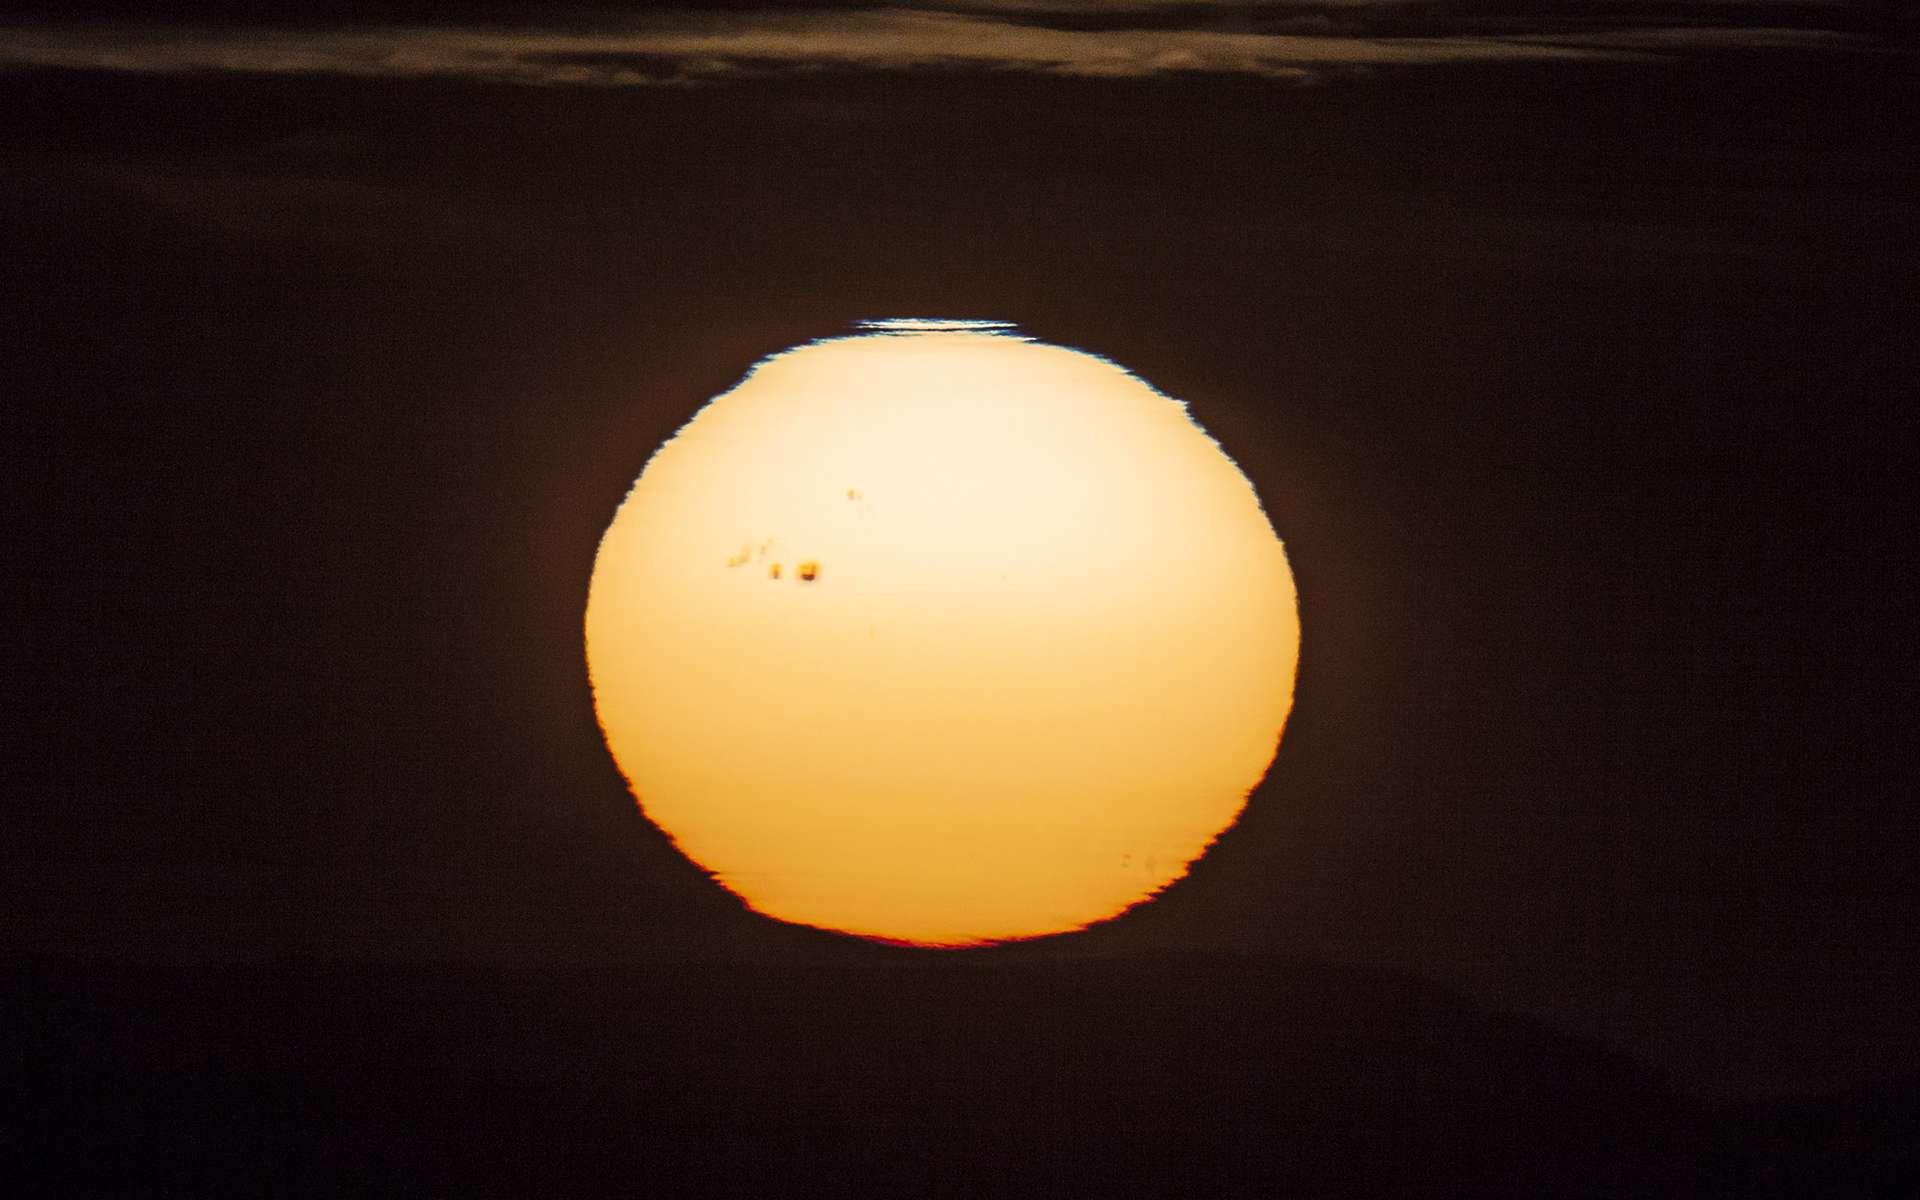 Un immense groupe de taches sombres macule la surface du Soleil, photographiée lors du coucher de l'astre du jour. Attention, il ne faut jamais regarder directement le Soleil sans protection adaptée. © Jürg Alean